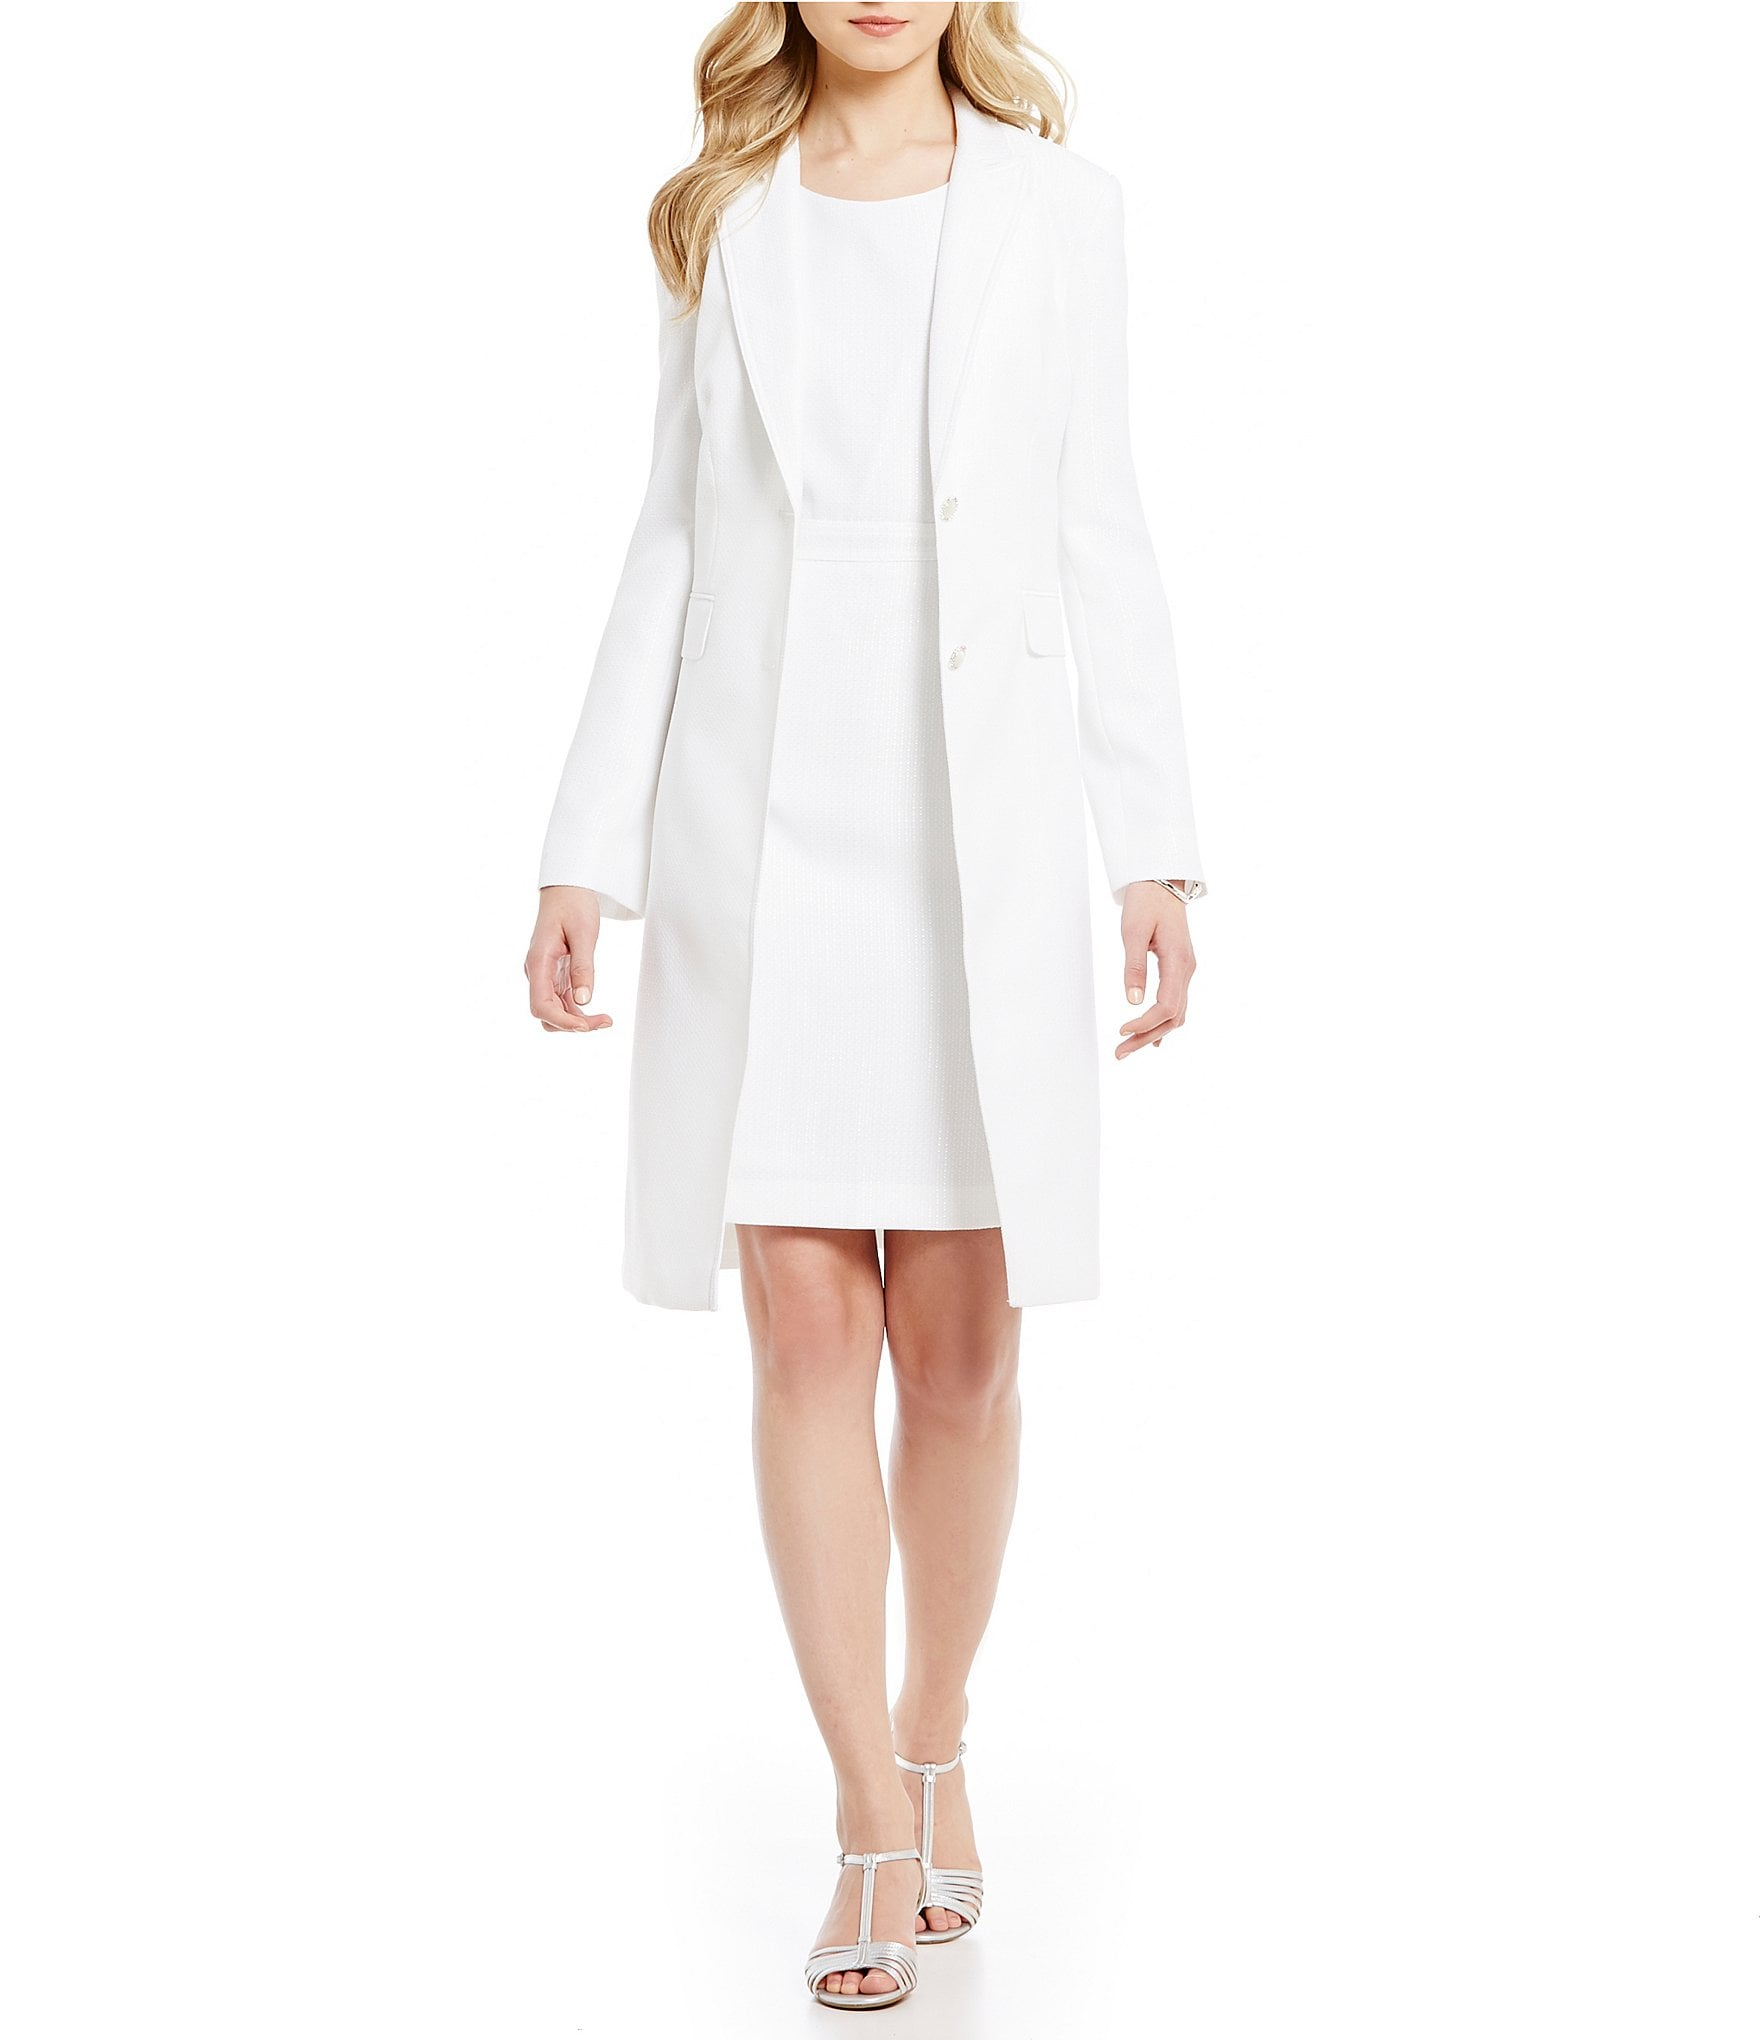 White dress coat - White Dress Coat 18